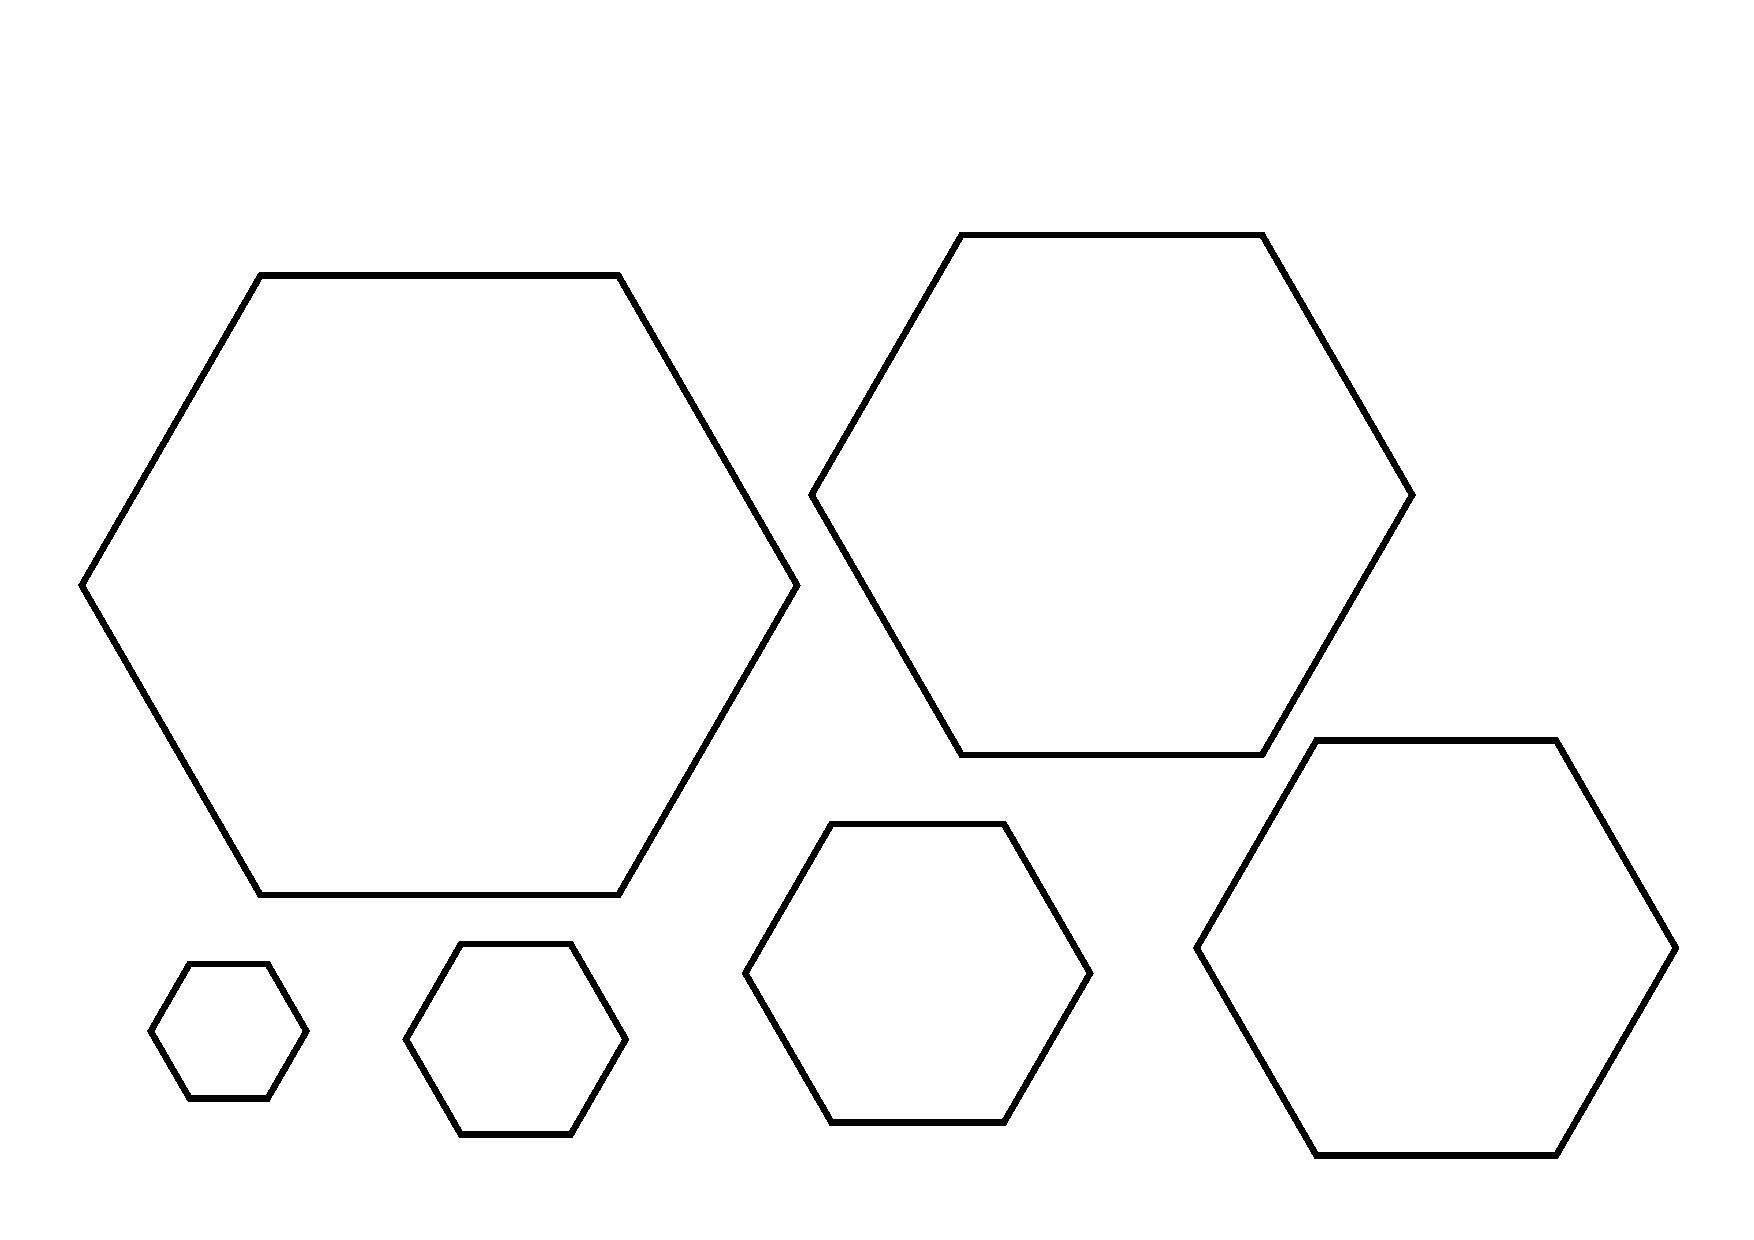 okul_öncesinde_geometrik_şekiller_kesme_çalışmaları _eğlenceli